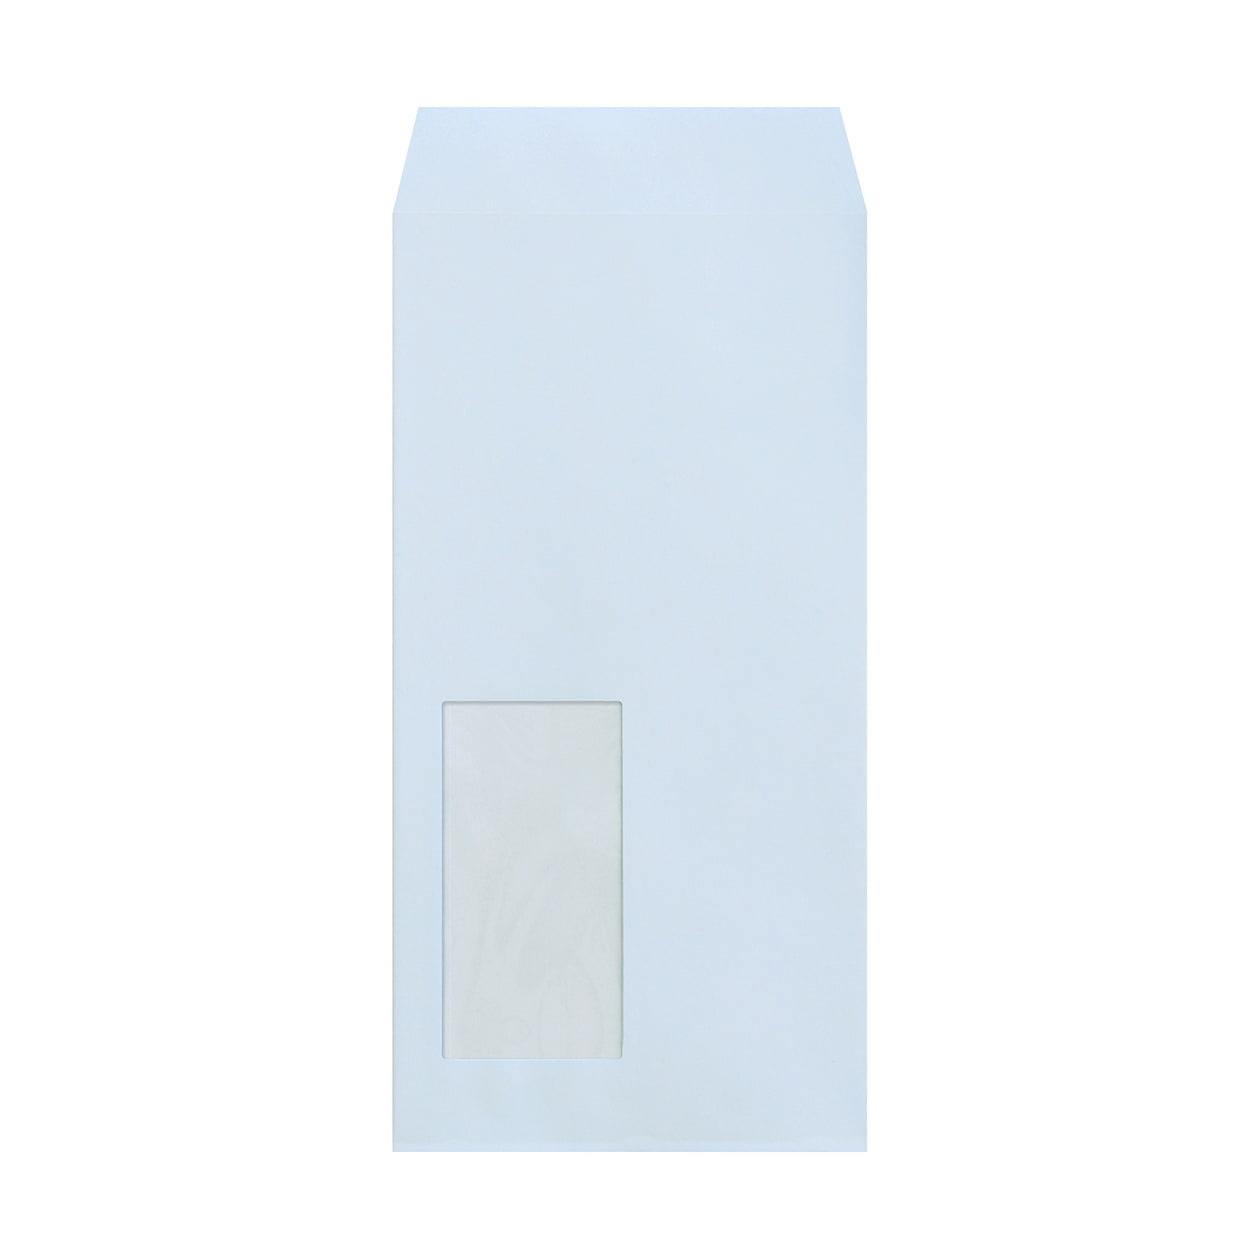 長3窓封筒 エコフレンドリーカラー アースブルー 100g